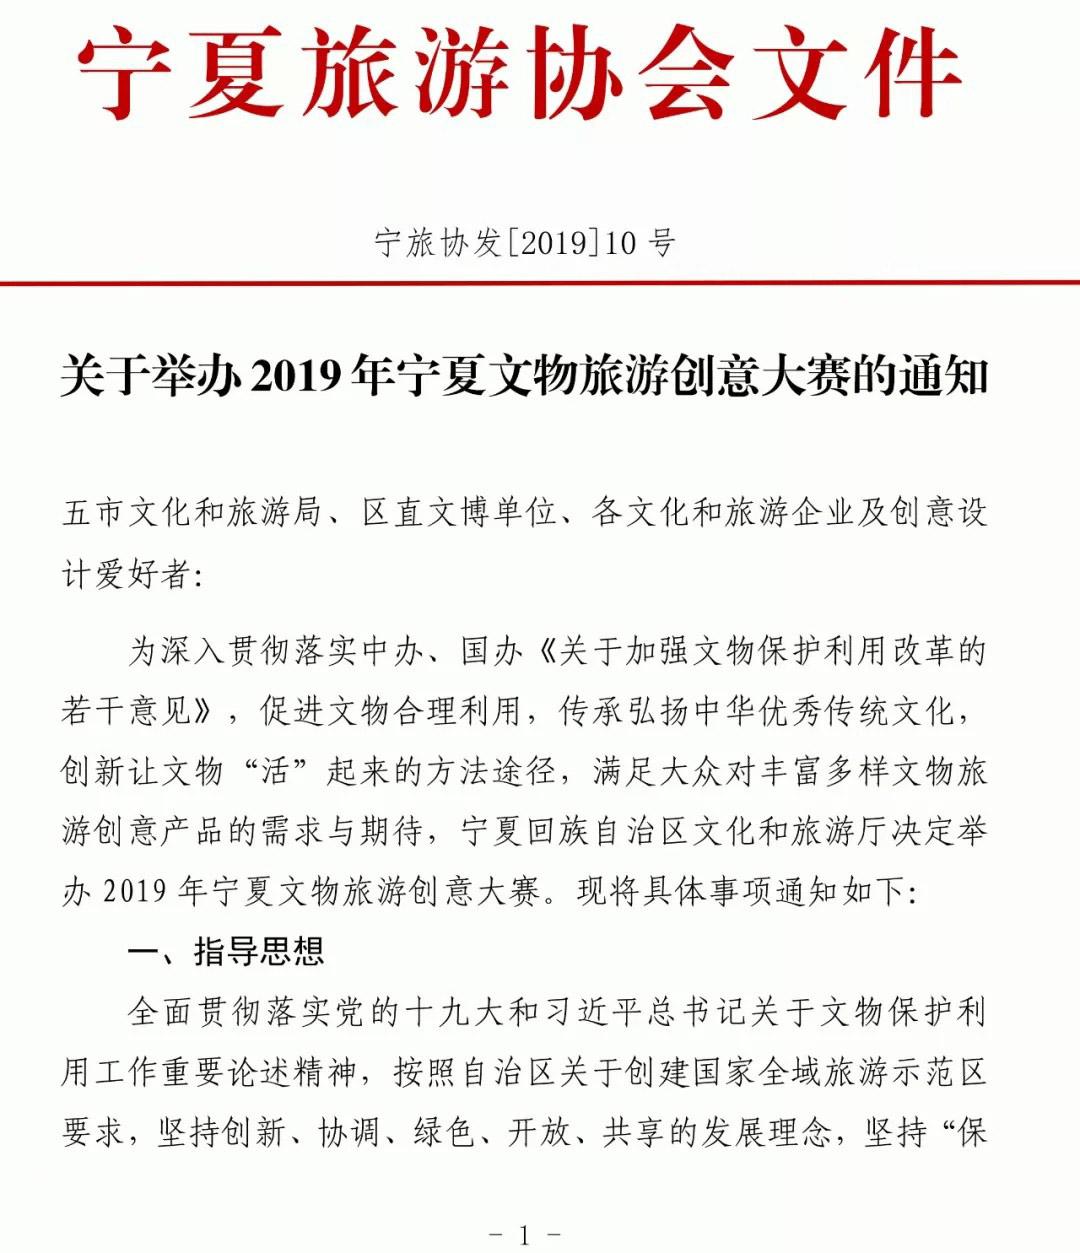 2019年寧夏文物旅遊創意大賽-01